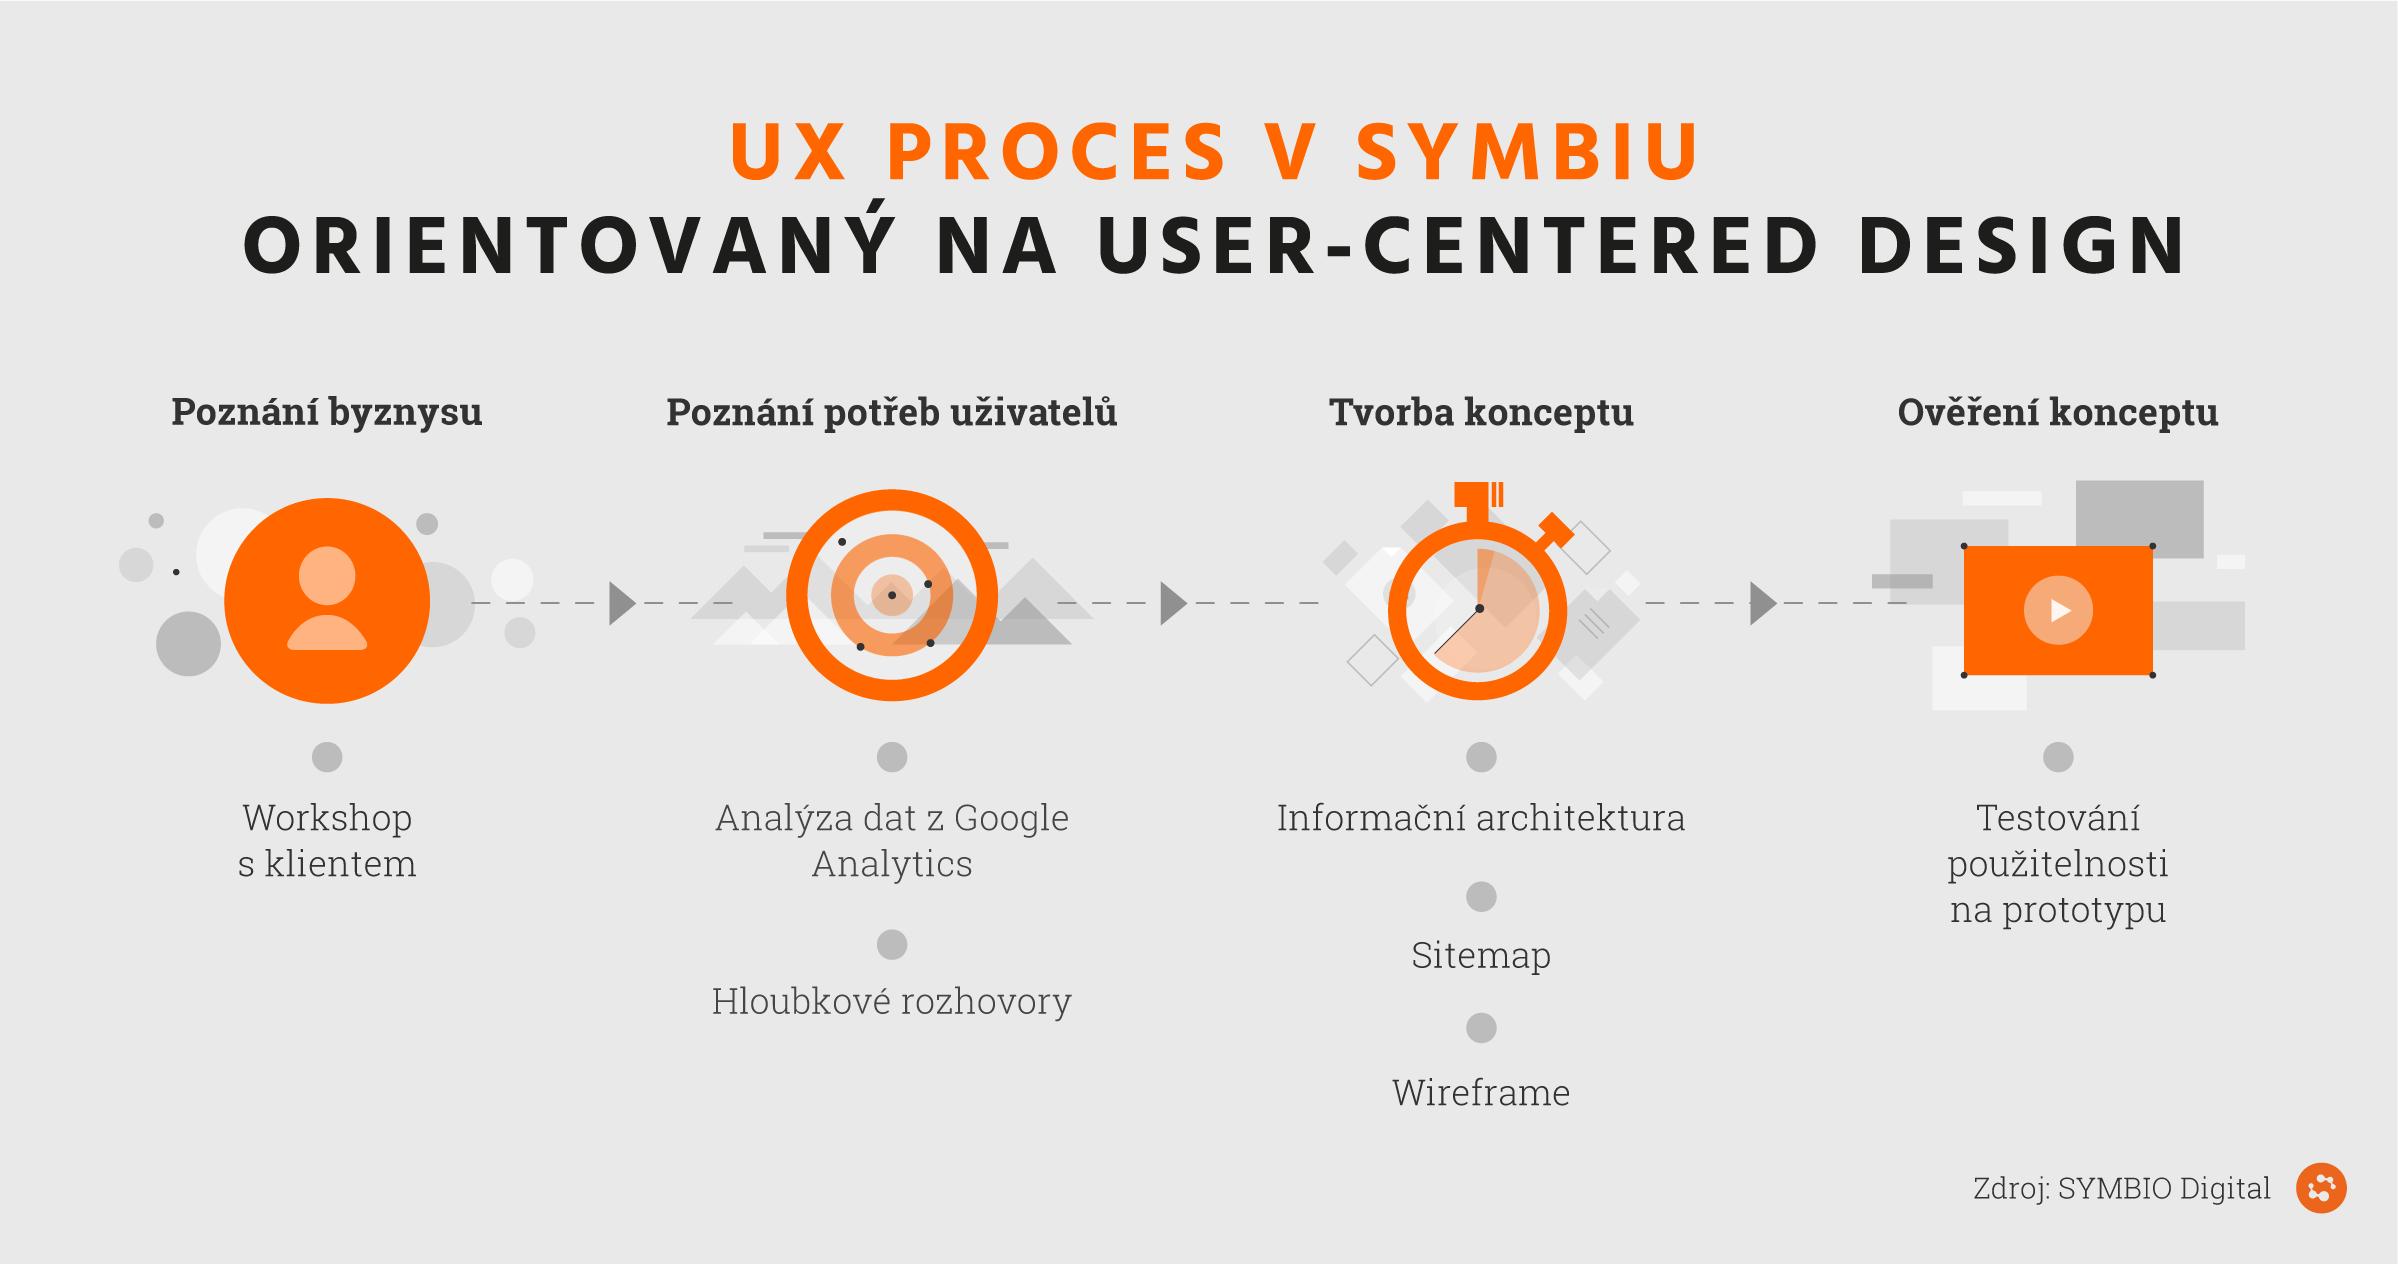 UX proces Symbia je orientovaný na user-centered design